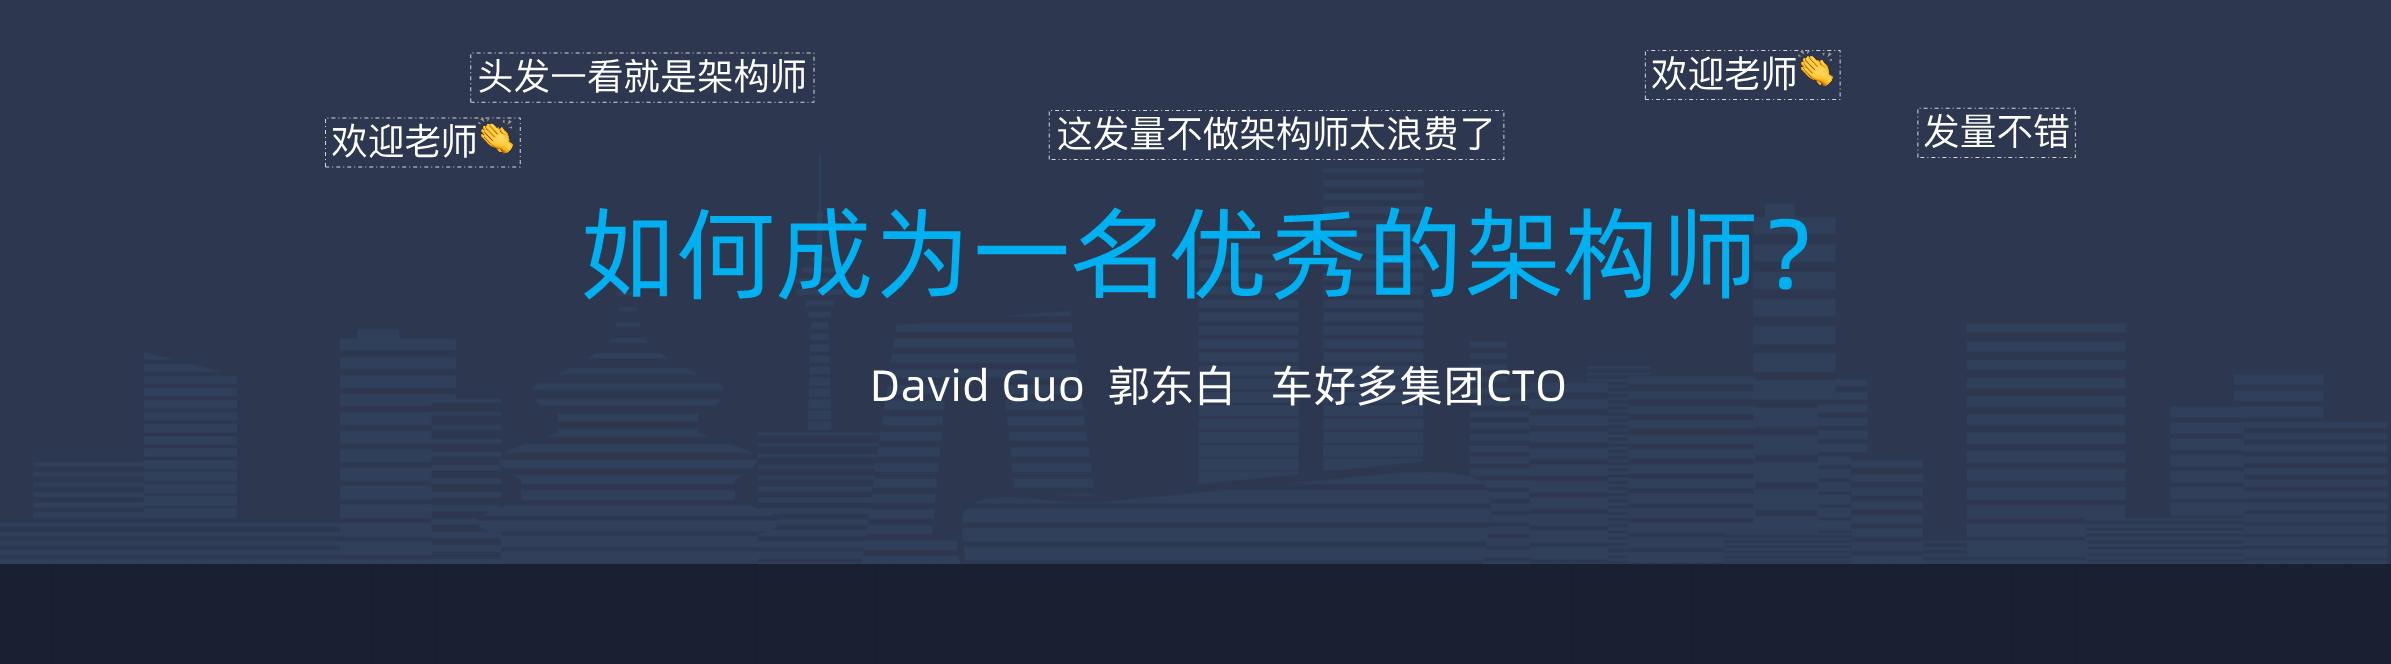 郭东白-如何成为一名优秀的架构师